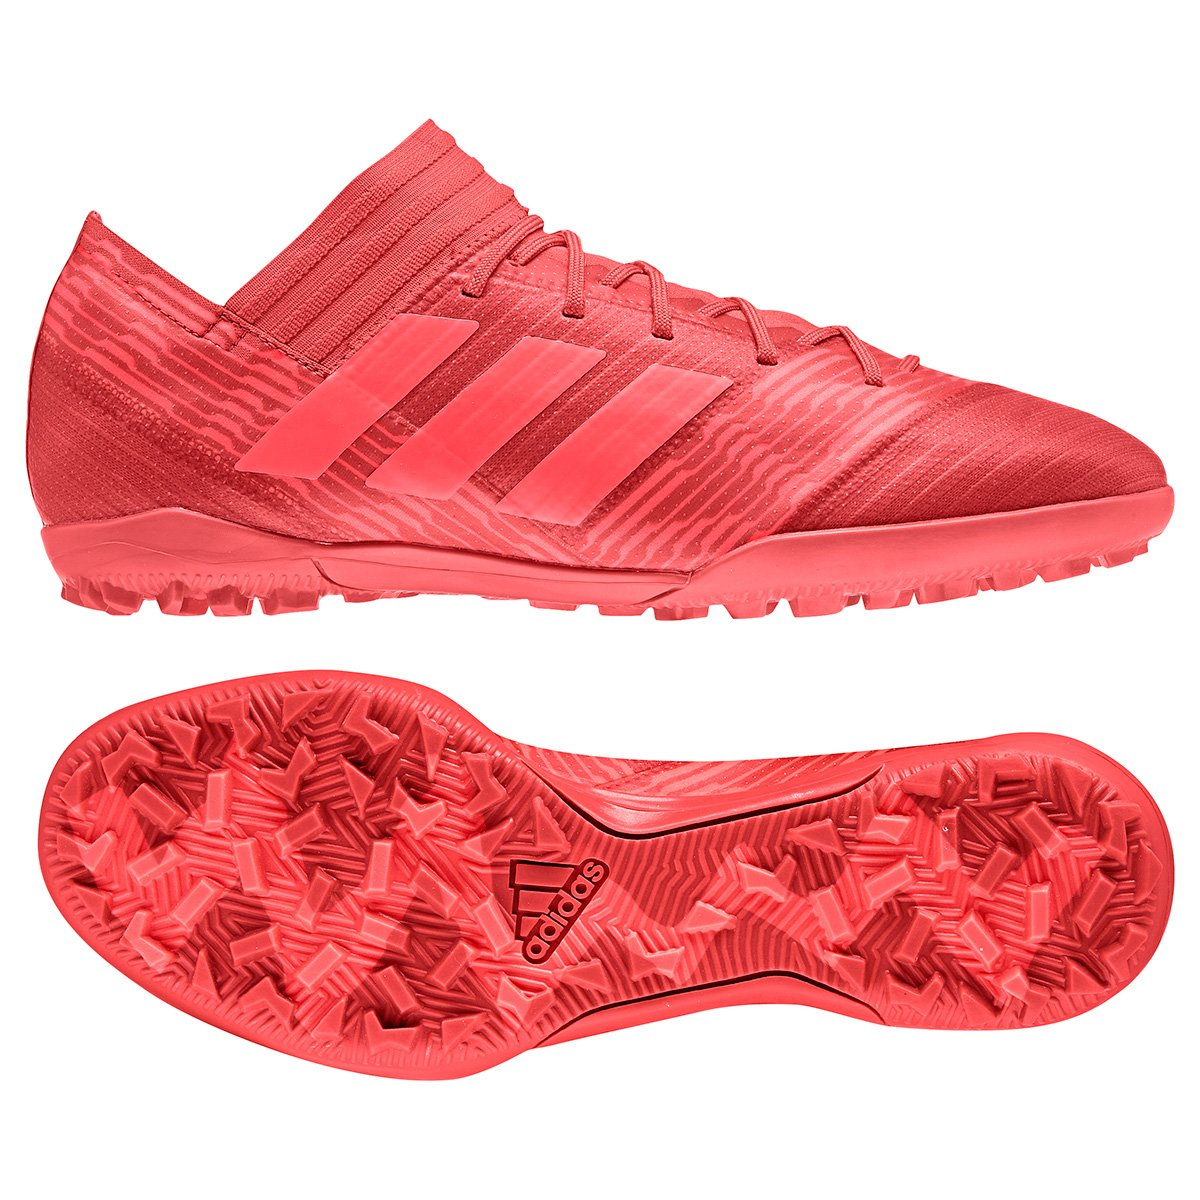 Chuteira Society Adidas Nemeziz 17.3 TF - Compre Agora  cd682a3394efb